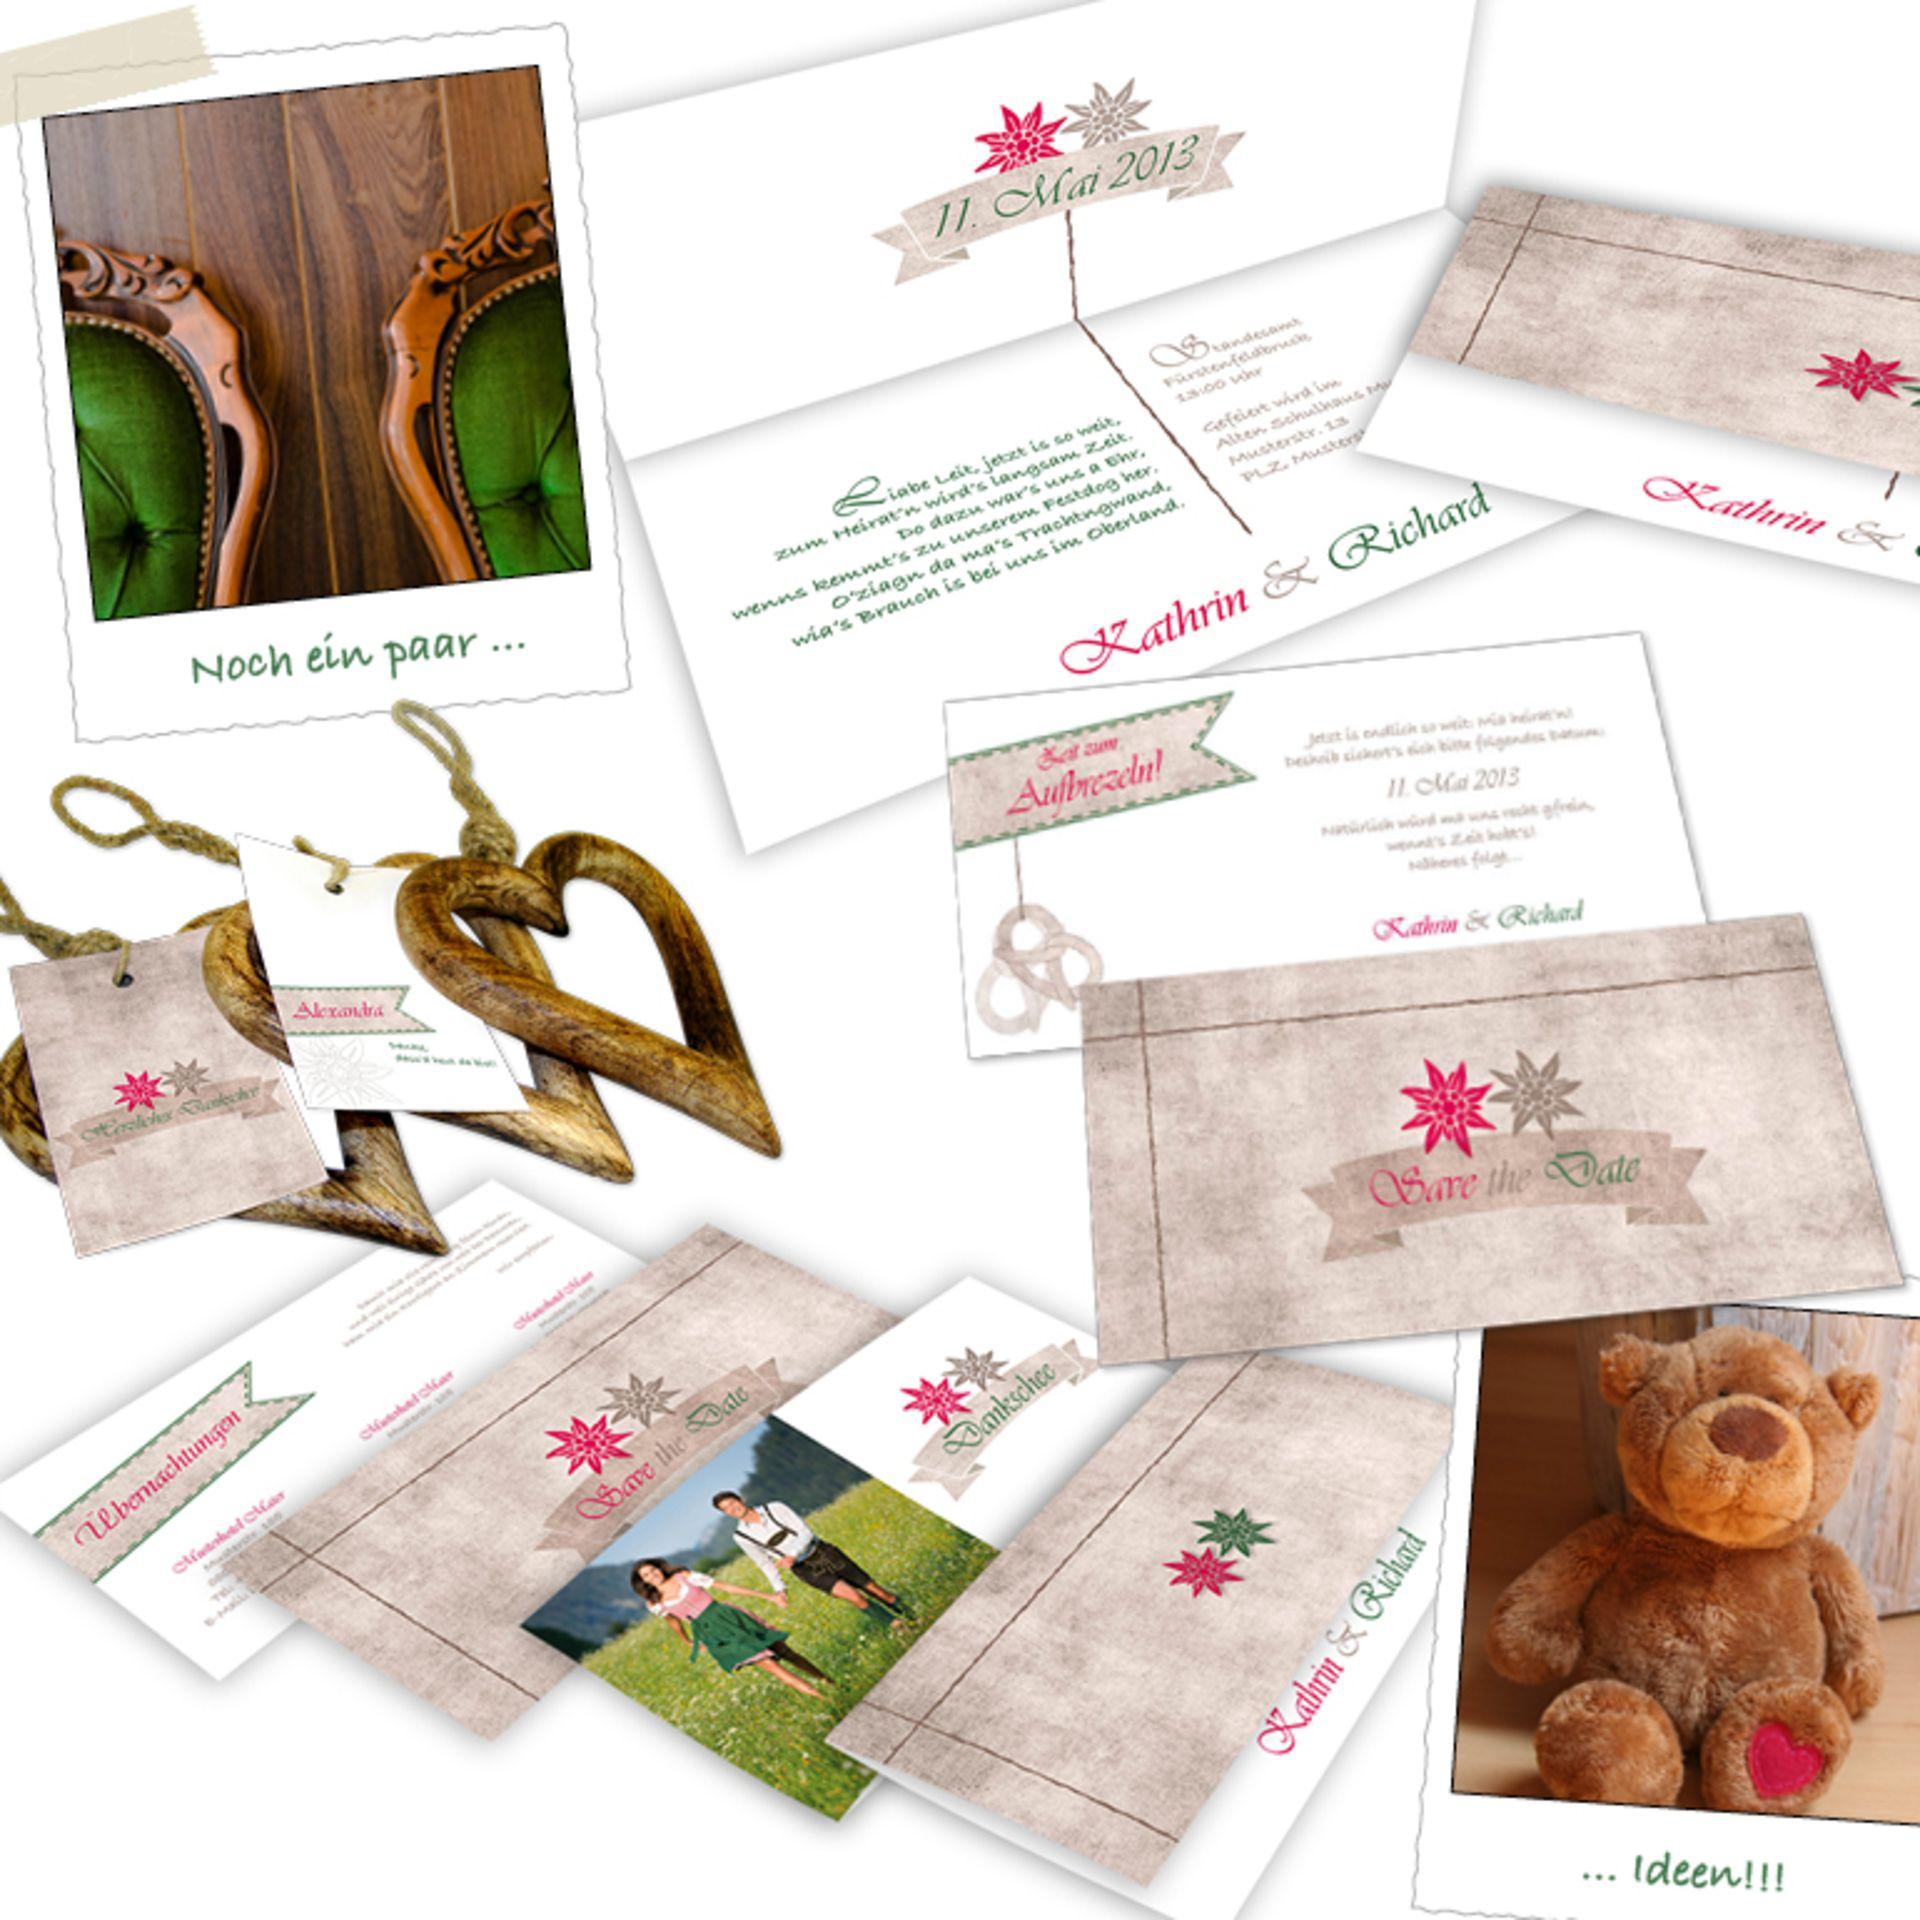 Trachtige Einladungskarten Zur Hochzeit Sind Ausgefallene  Hochzeitseinladungen Für Tradtionsbewusste Hochzeitspaare.